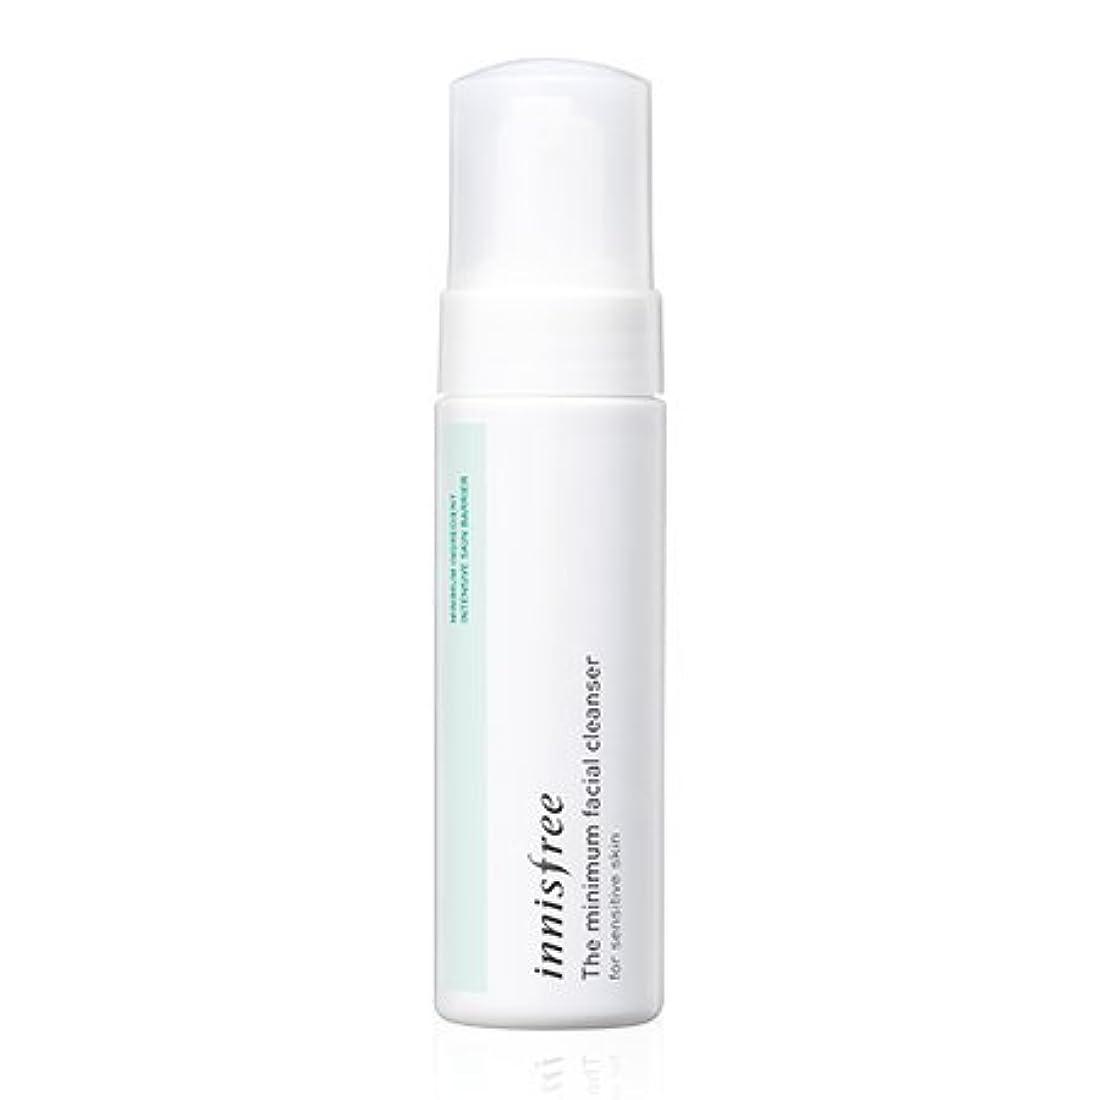 雷雨休み小屋[innisfree(イニスフリー)] The minimum facial cleanser 70ml ザ·ミニマムフェーシャル?クレンザー [並行輸入品][海外直送品]